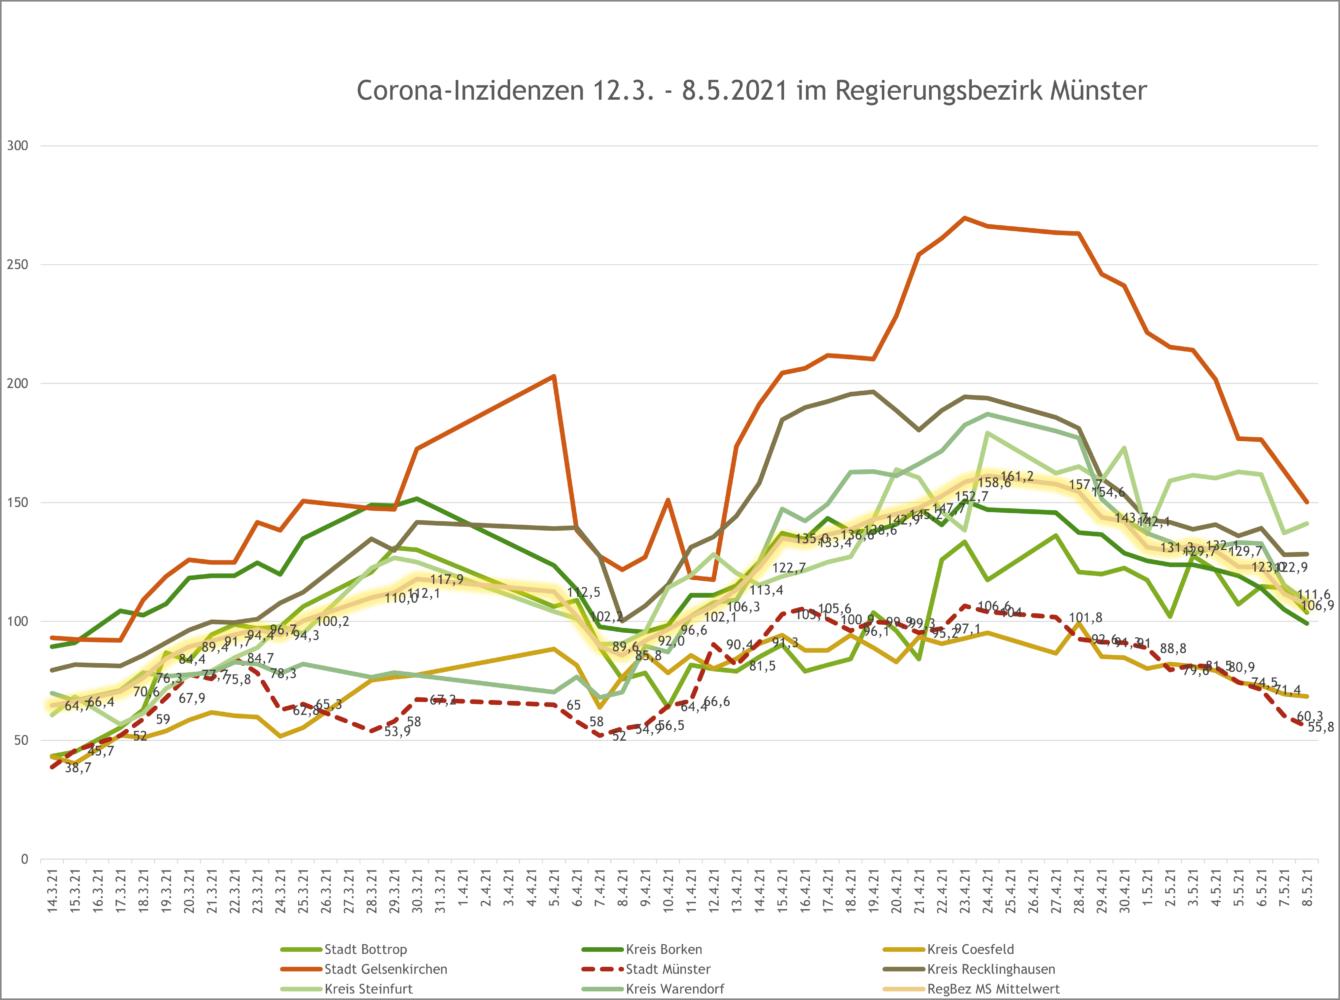 7-Tage-Inzidenzen im Regierungsbezirk Münster bis 8.5.2021 - Verlauf